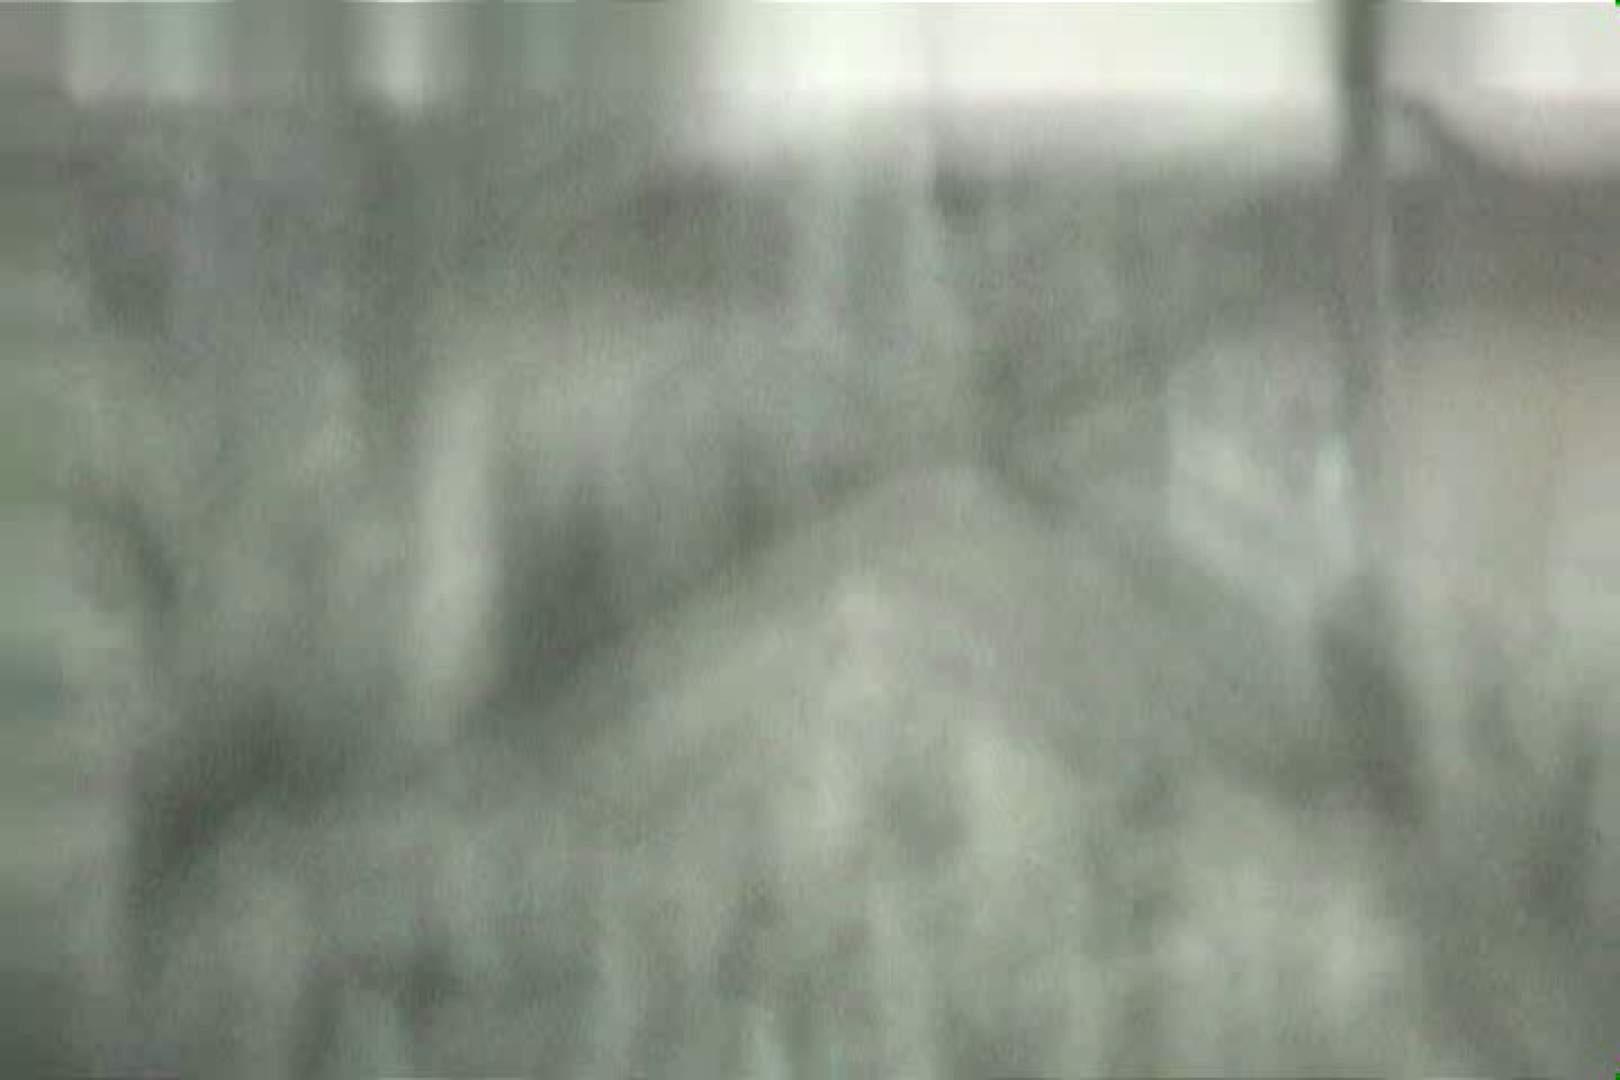 Aquaな露天風呂Vol.609 盗撮シリーズ  107PIX 30